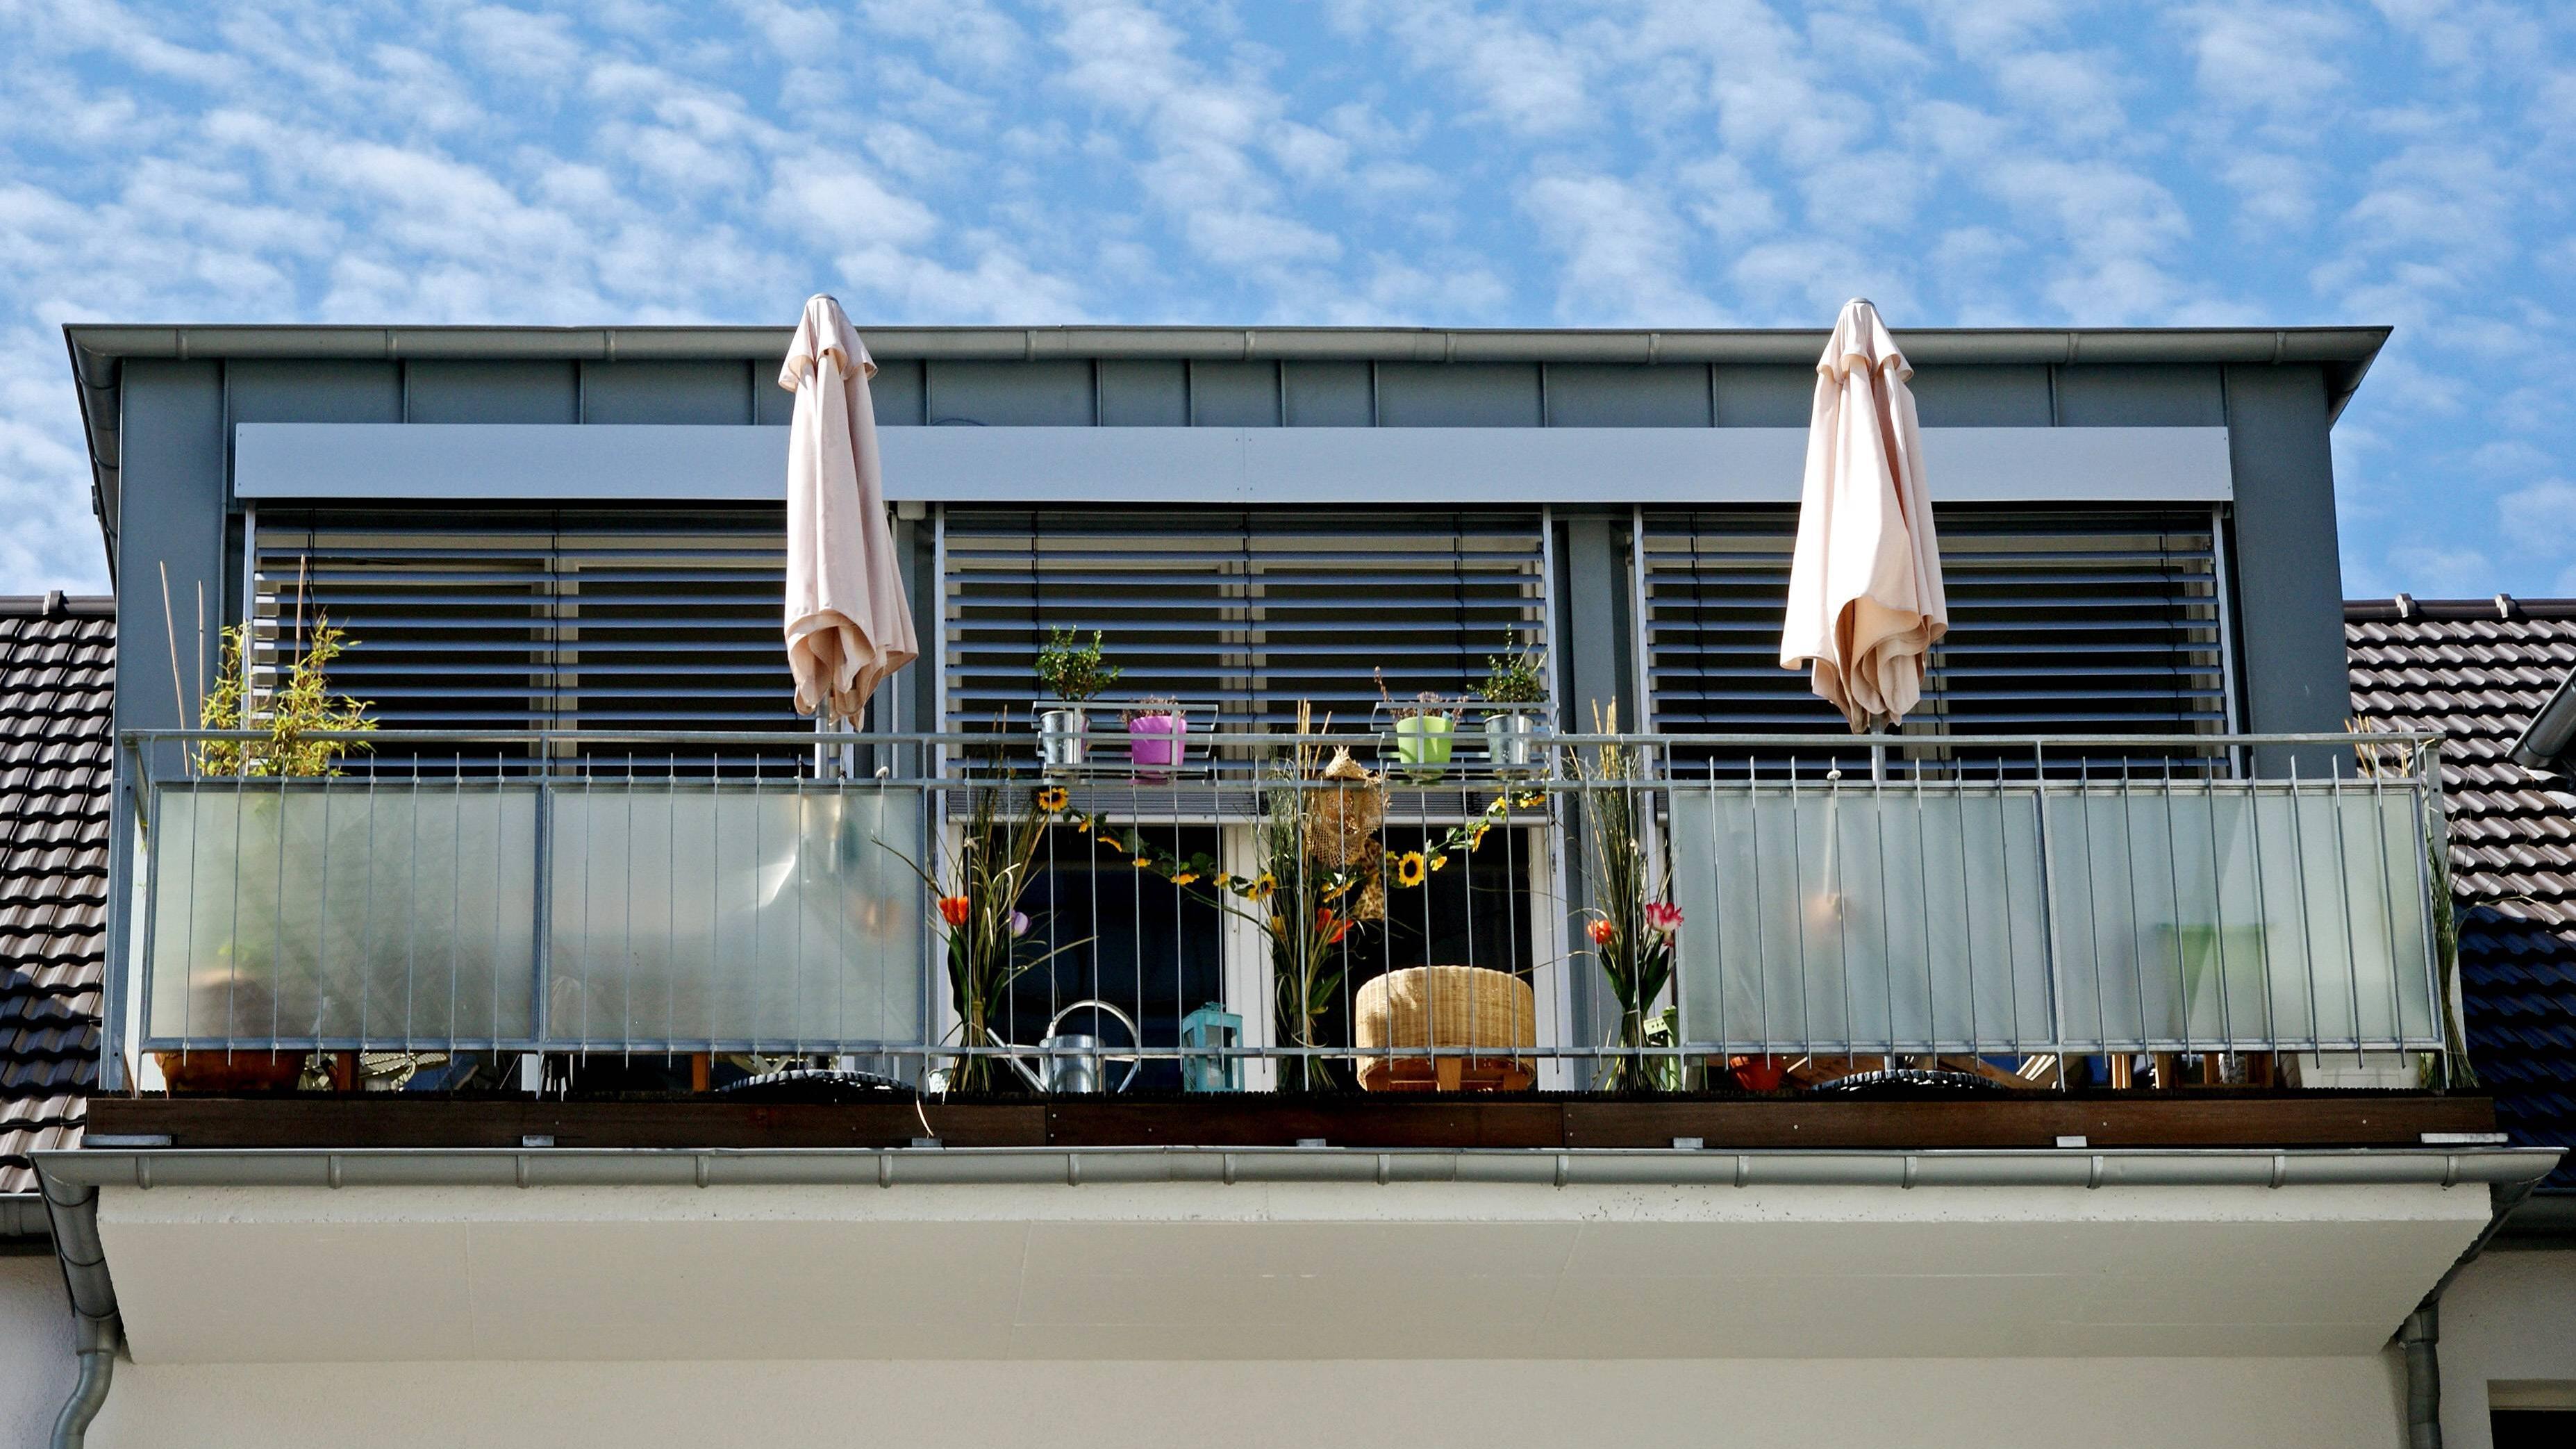 Dachgeschosswohnung kühlen - die besten Tipps und Hausmittel